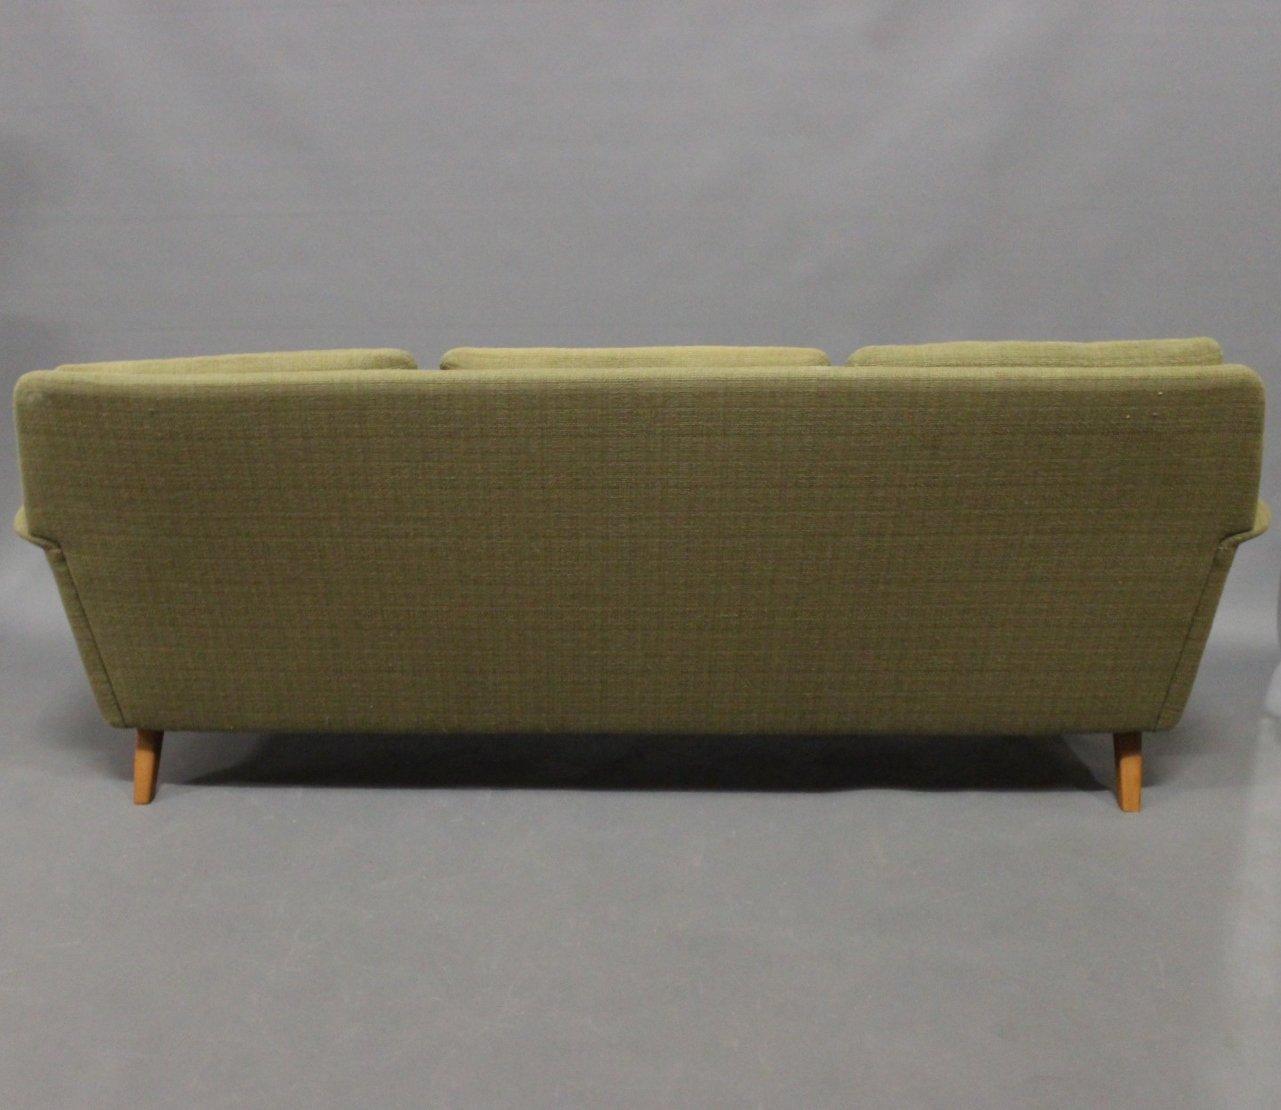 dux sofa by folke ohlsson carlton 2 seater 3 for fritz hansen 1960s